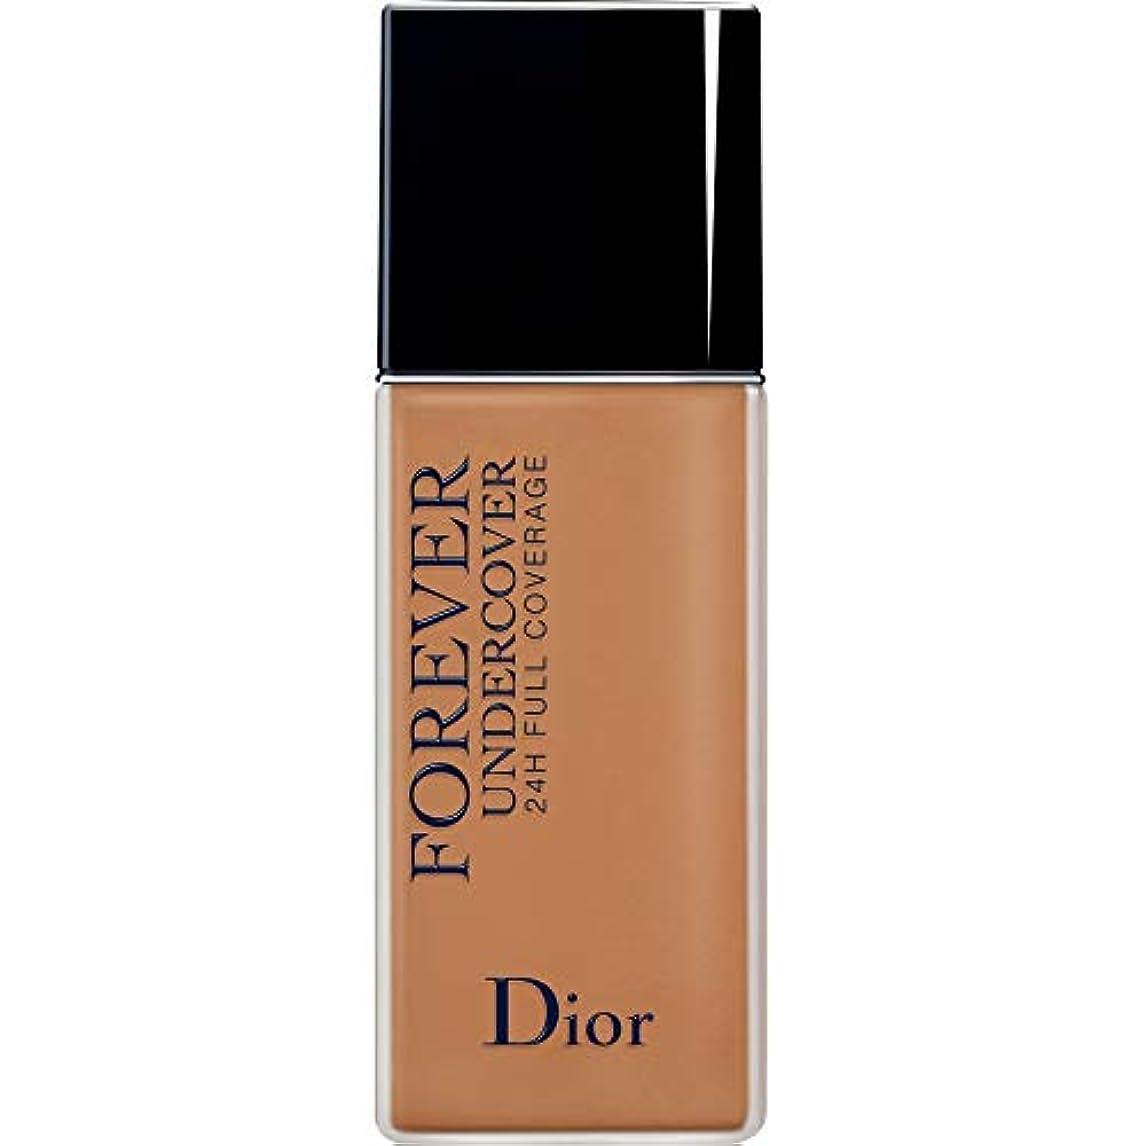 苦しみバブル生産的[Dior ] ディオールディオールスキン永遠アンダーカバーフルカバーの基礎40ミリリットル051 - プラリネ - DIOR Diorskin Forever Undercover Full Coverage Foundation...